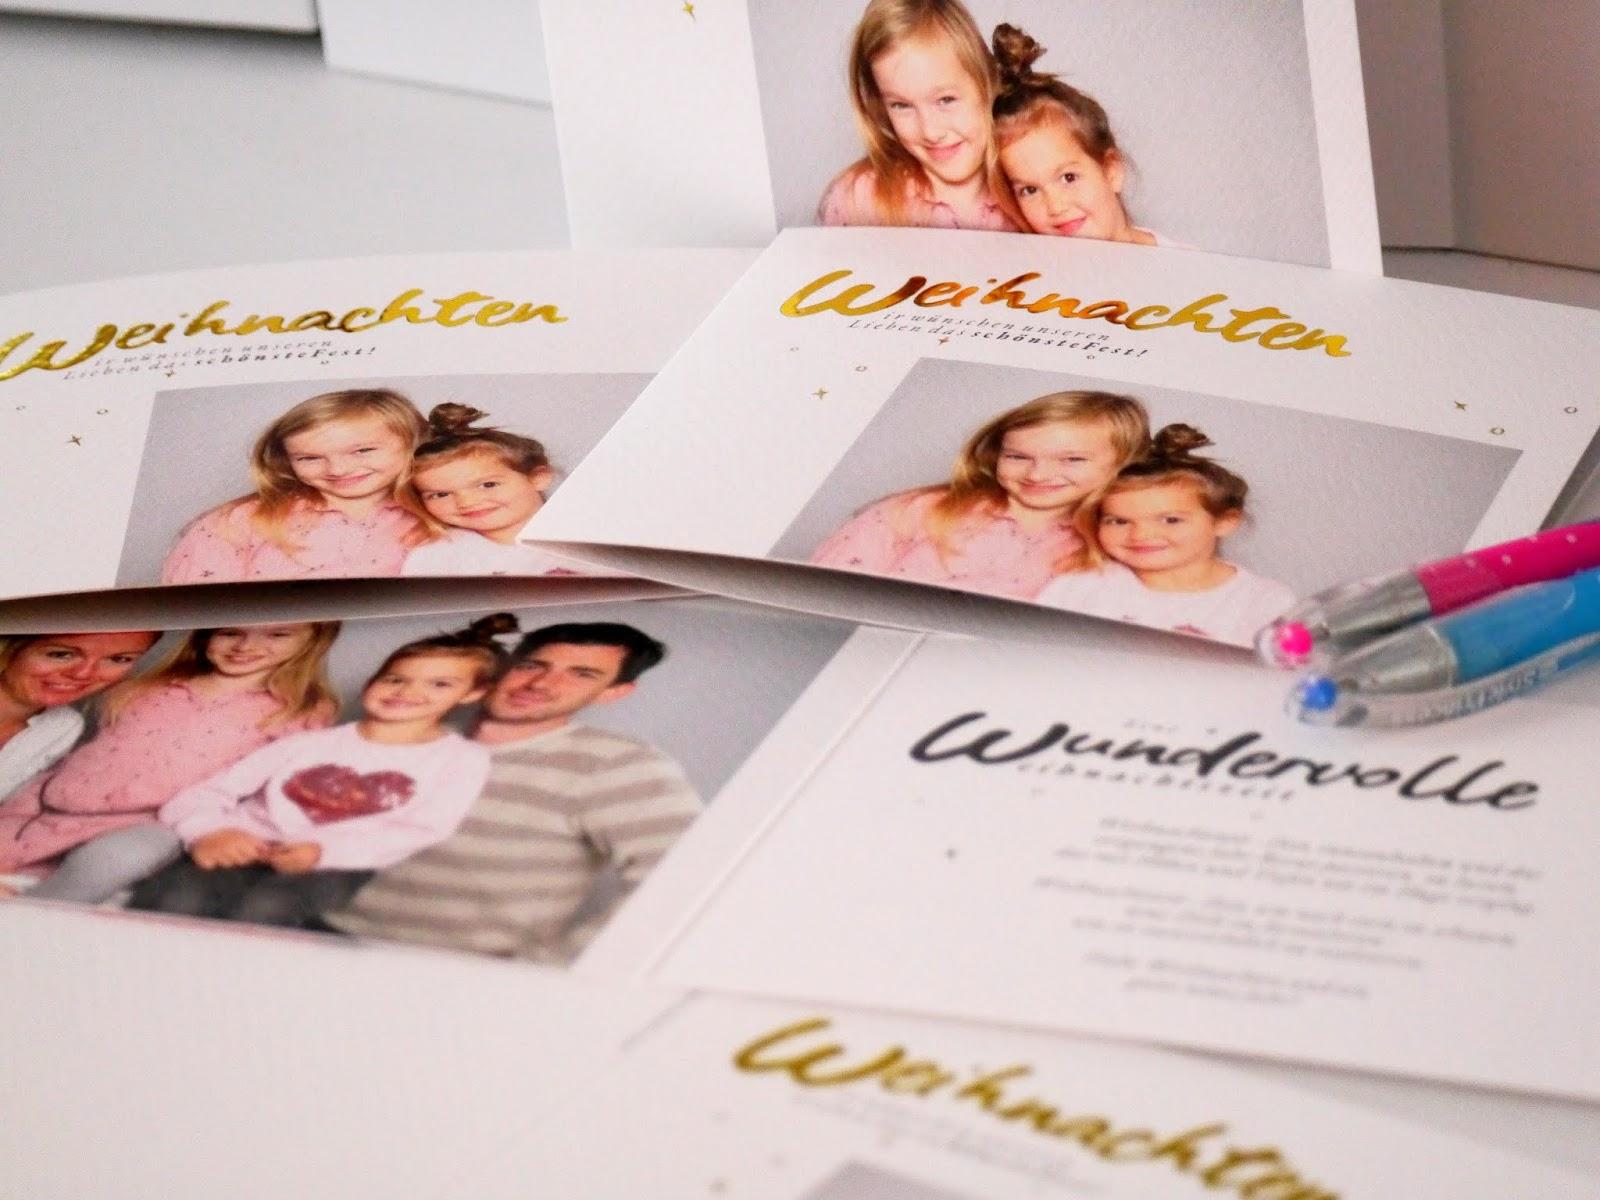 sendmoments.de für personalisierte Geschenke